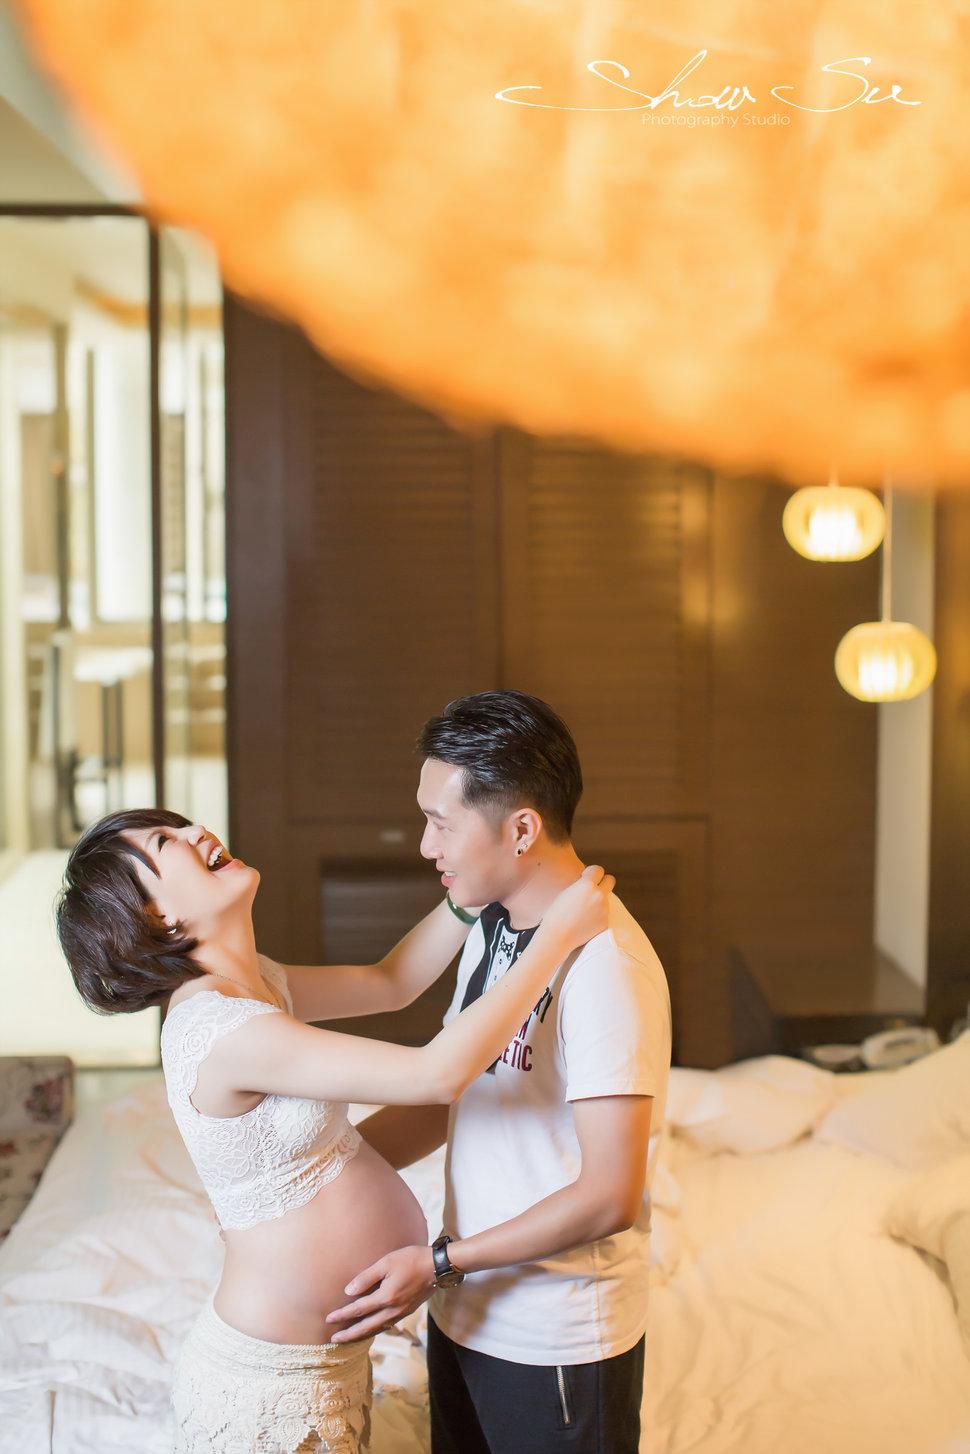 [孕婦寫真] 苡甄 32W(編號:564629) - Show Su Photography《結婚吧》